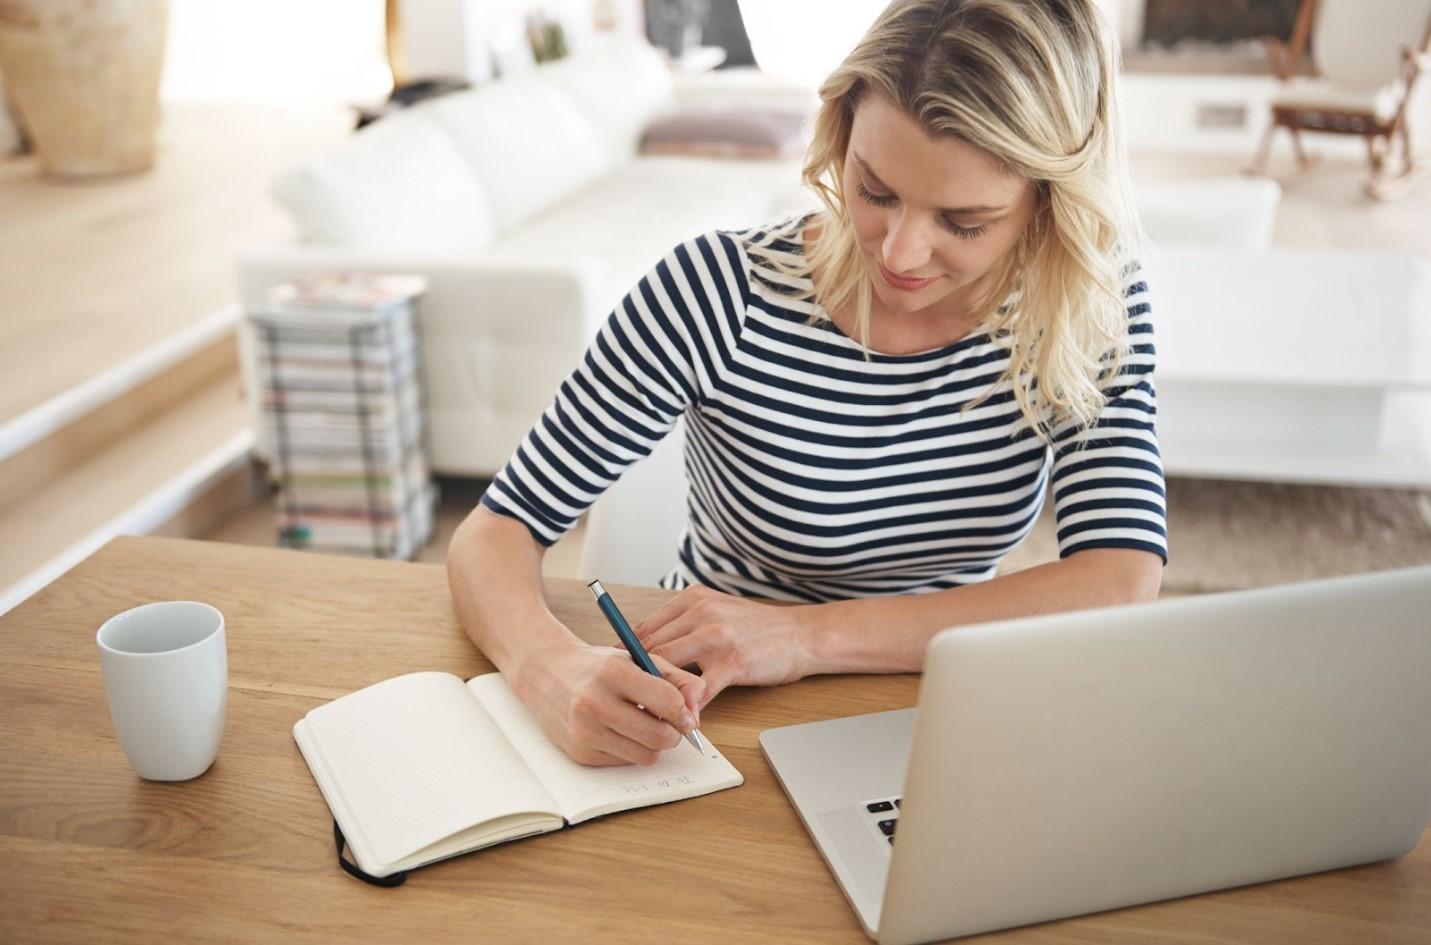 Hiện tại, mức lương của vị trí Content Writer dao động từ 7 - 10 triệu đồng